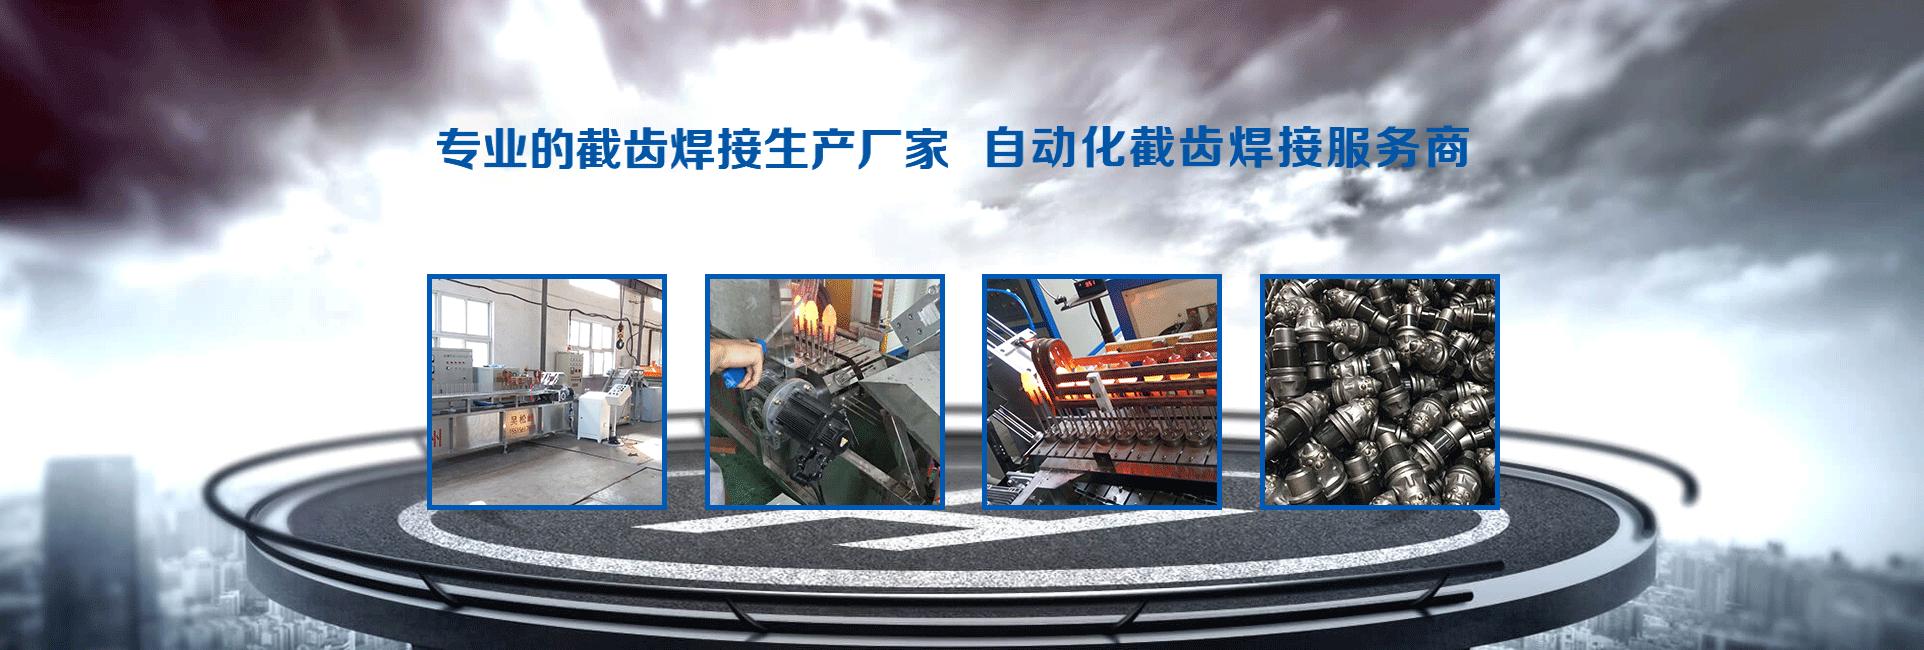 截齿钎焊炉|截齿焊接设备|全自动截齿焊接生产线|截齿焊接生产厂家